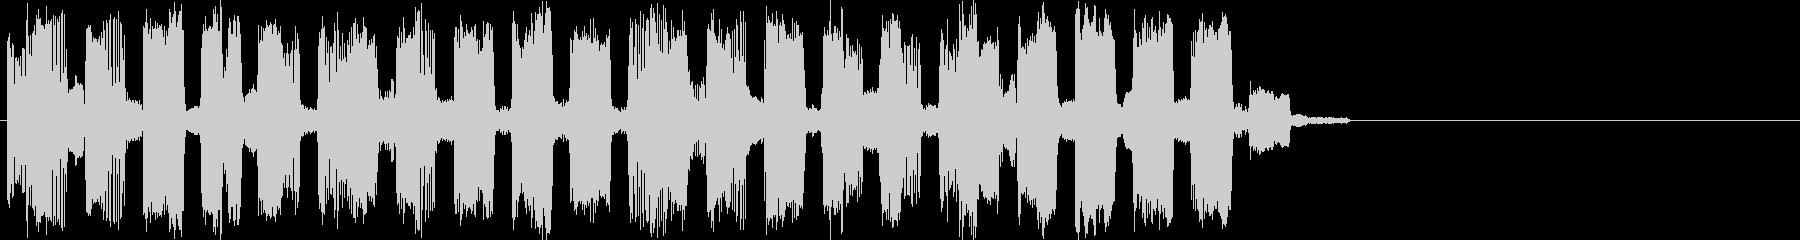 ズワゴゴズズッズワッゴ…(アイキャッチ)の未再生の波形